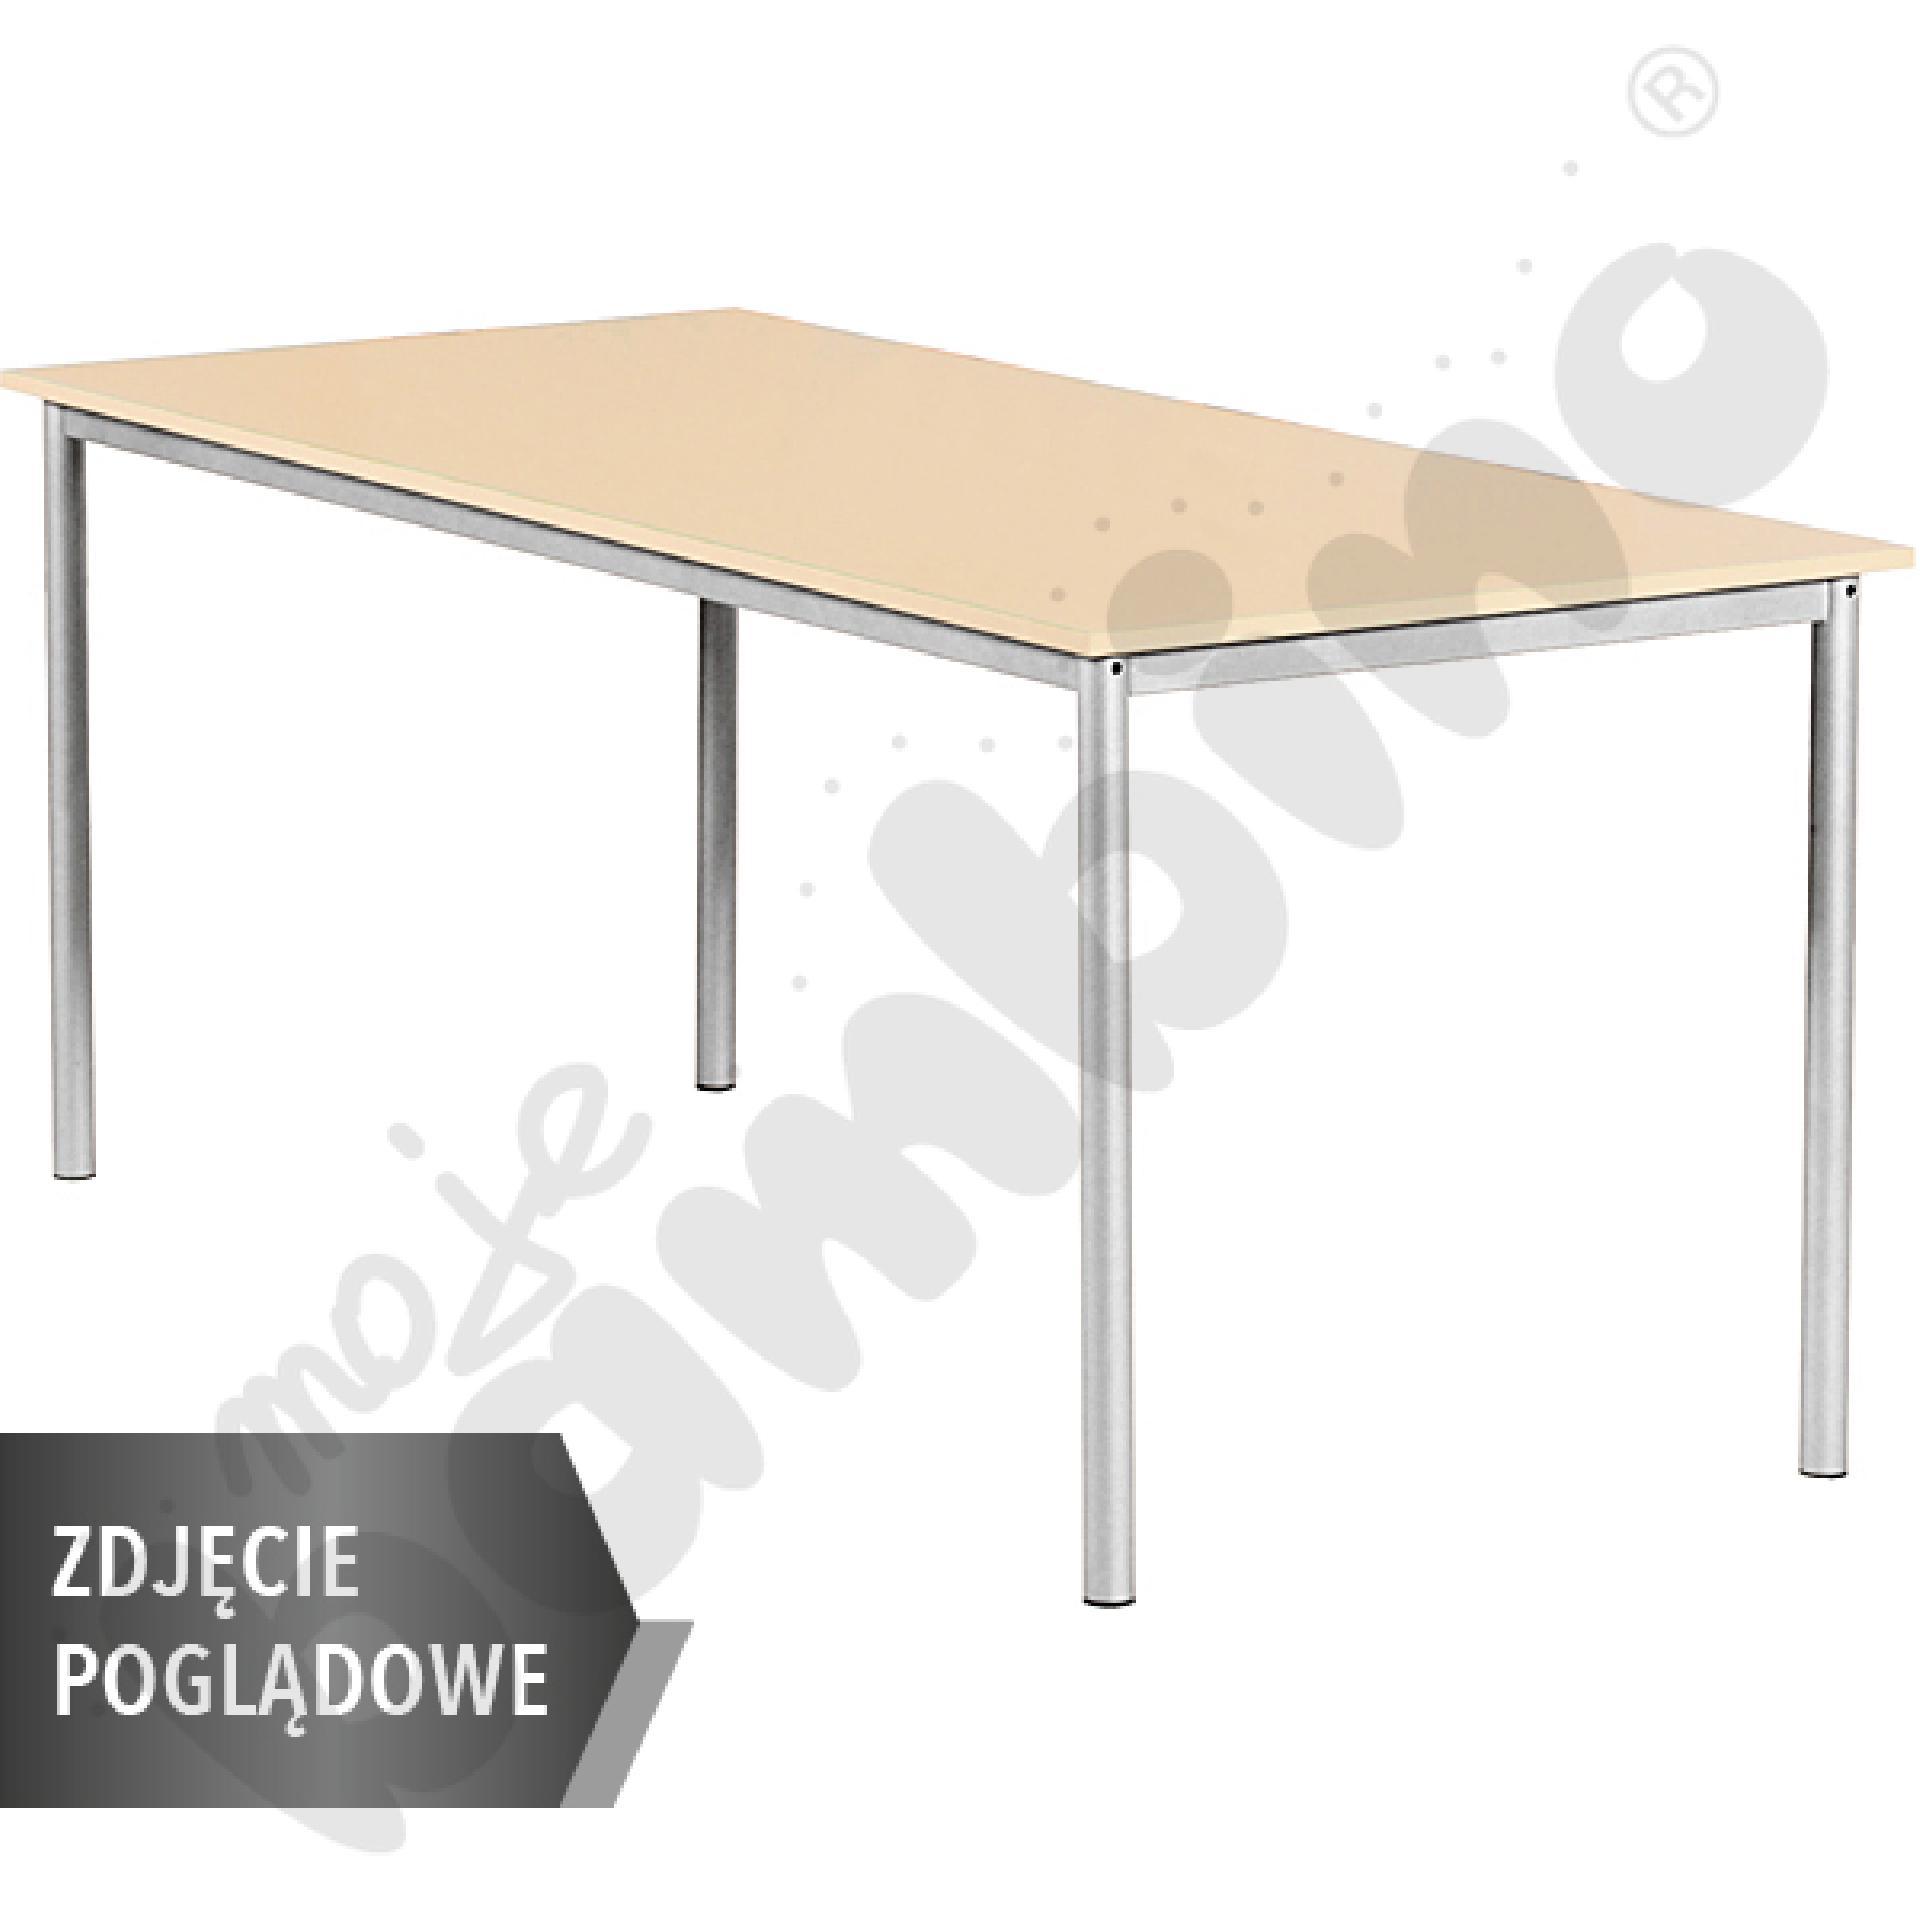 Stół Mila 160x80 rozm. 6, 8os., stelaż niebieski, blat buk, obrzeże ABS, narożniki proste